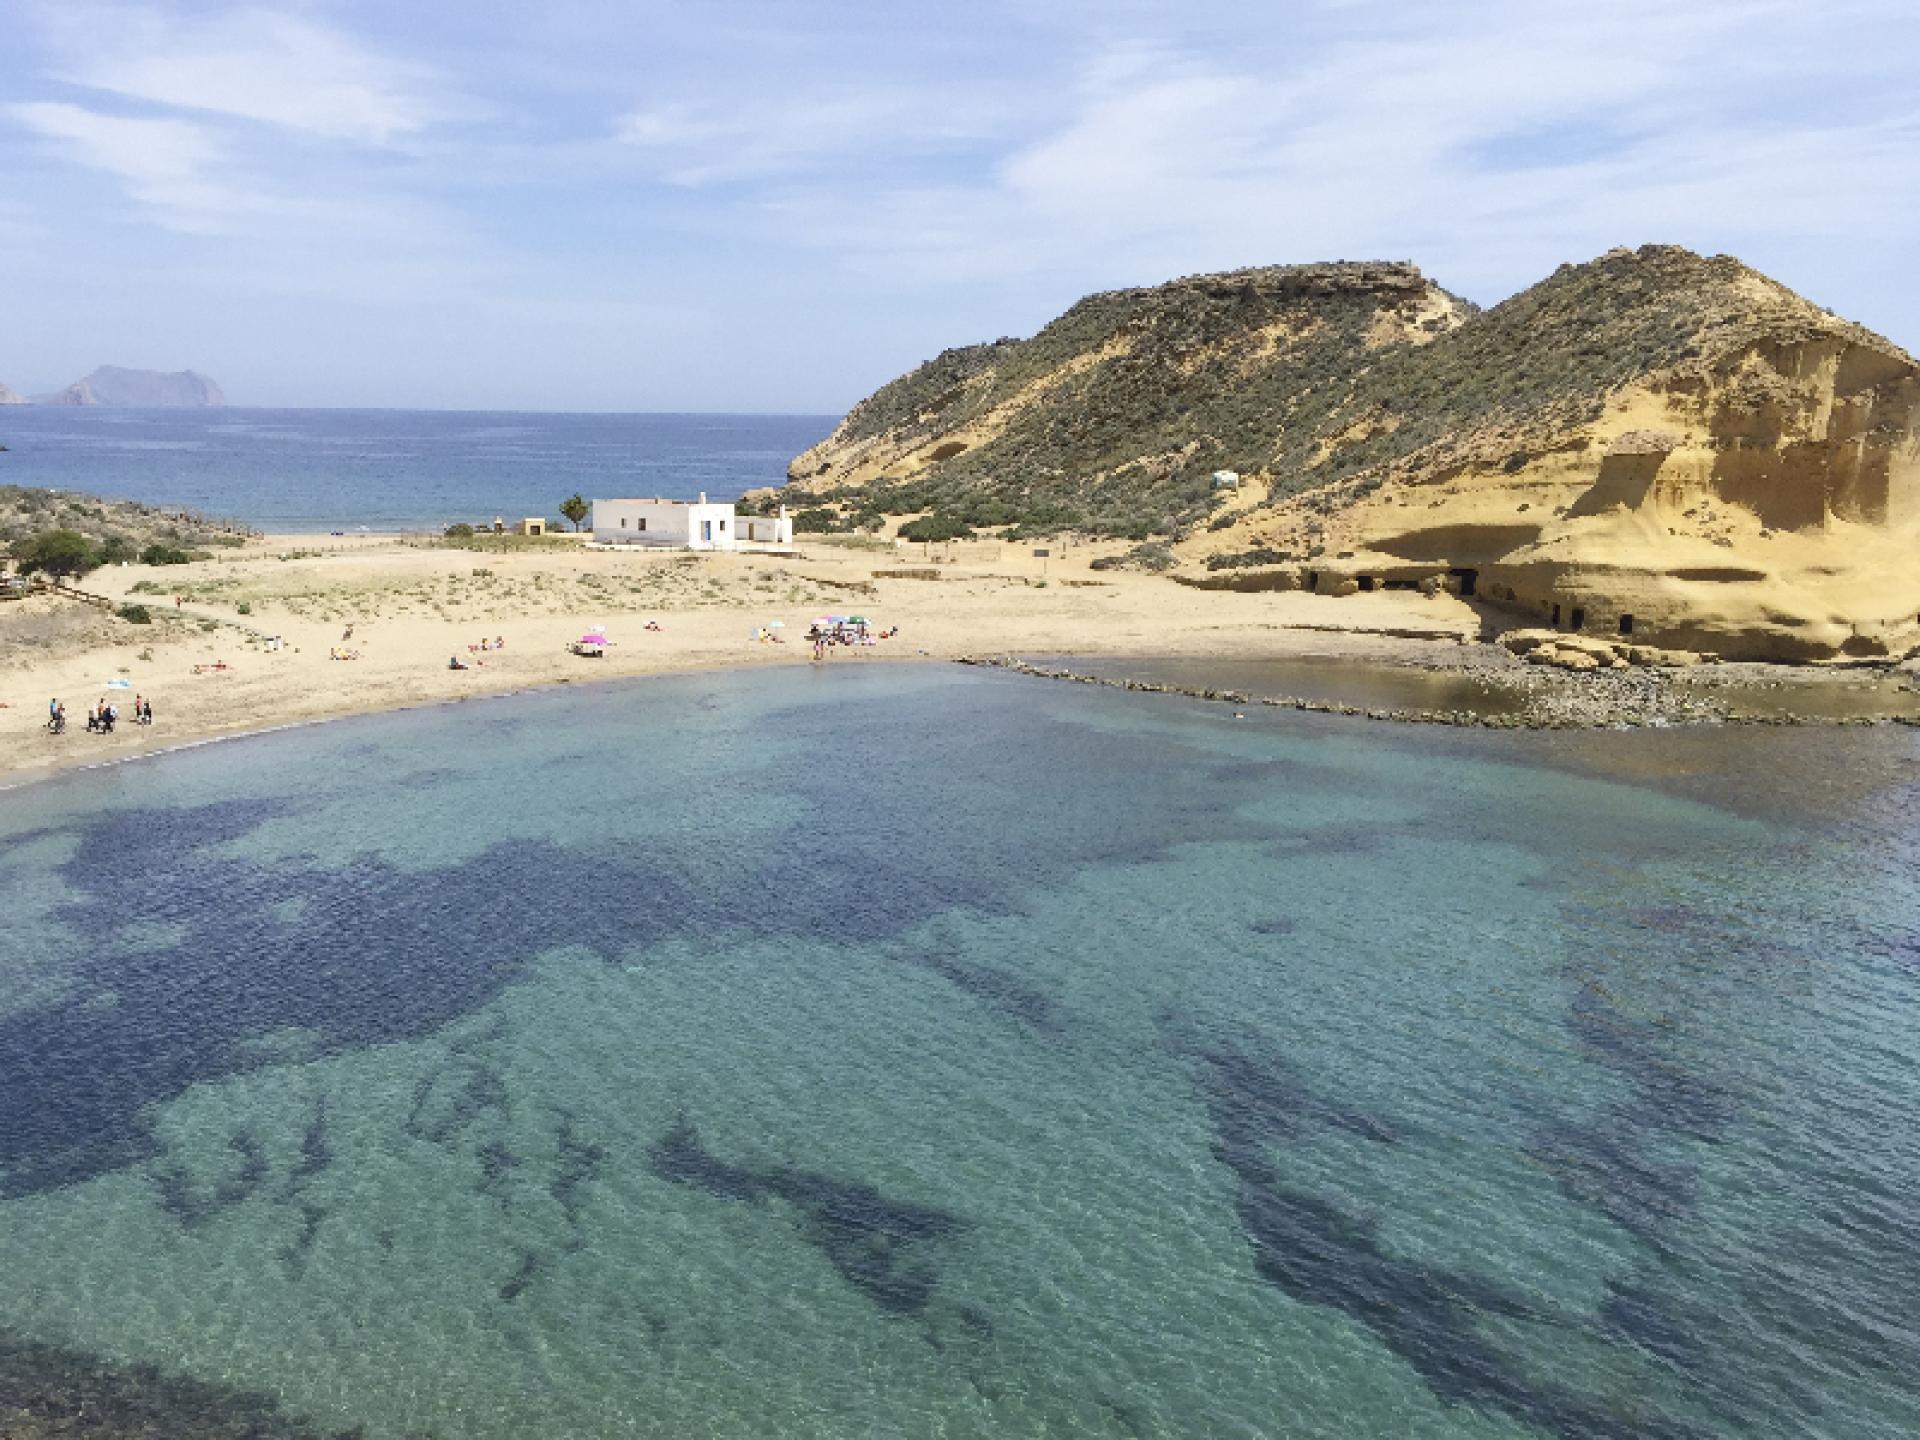 Mar de Pulpi fase 5 - Pulpi (Costa de Almeria)